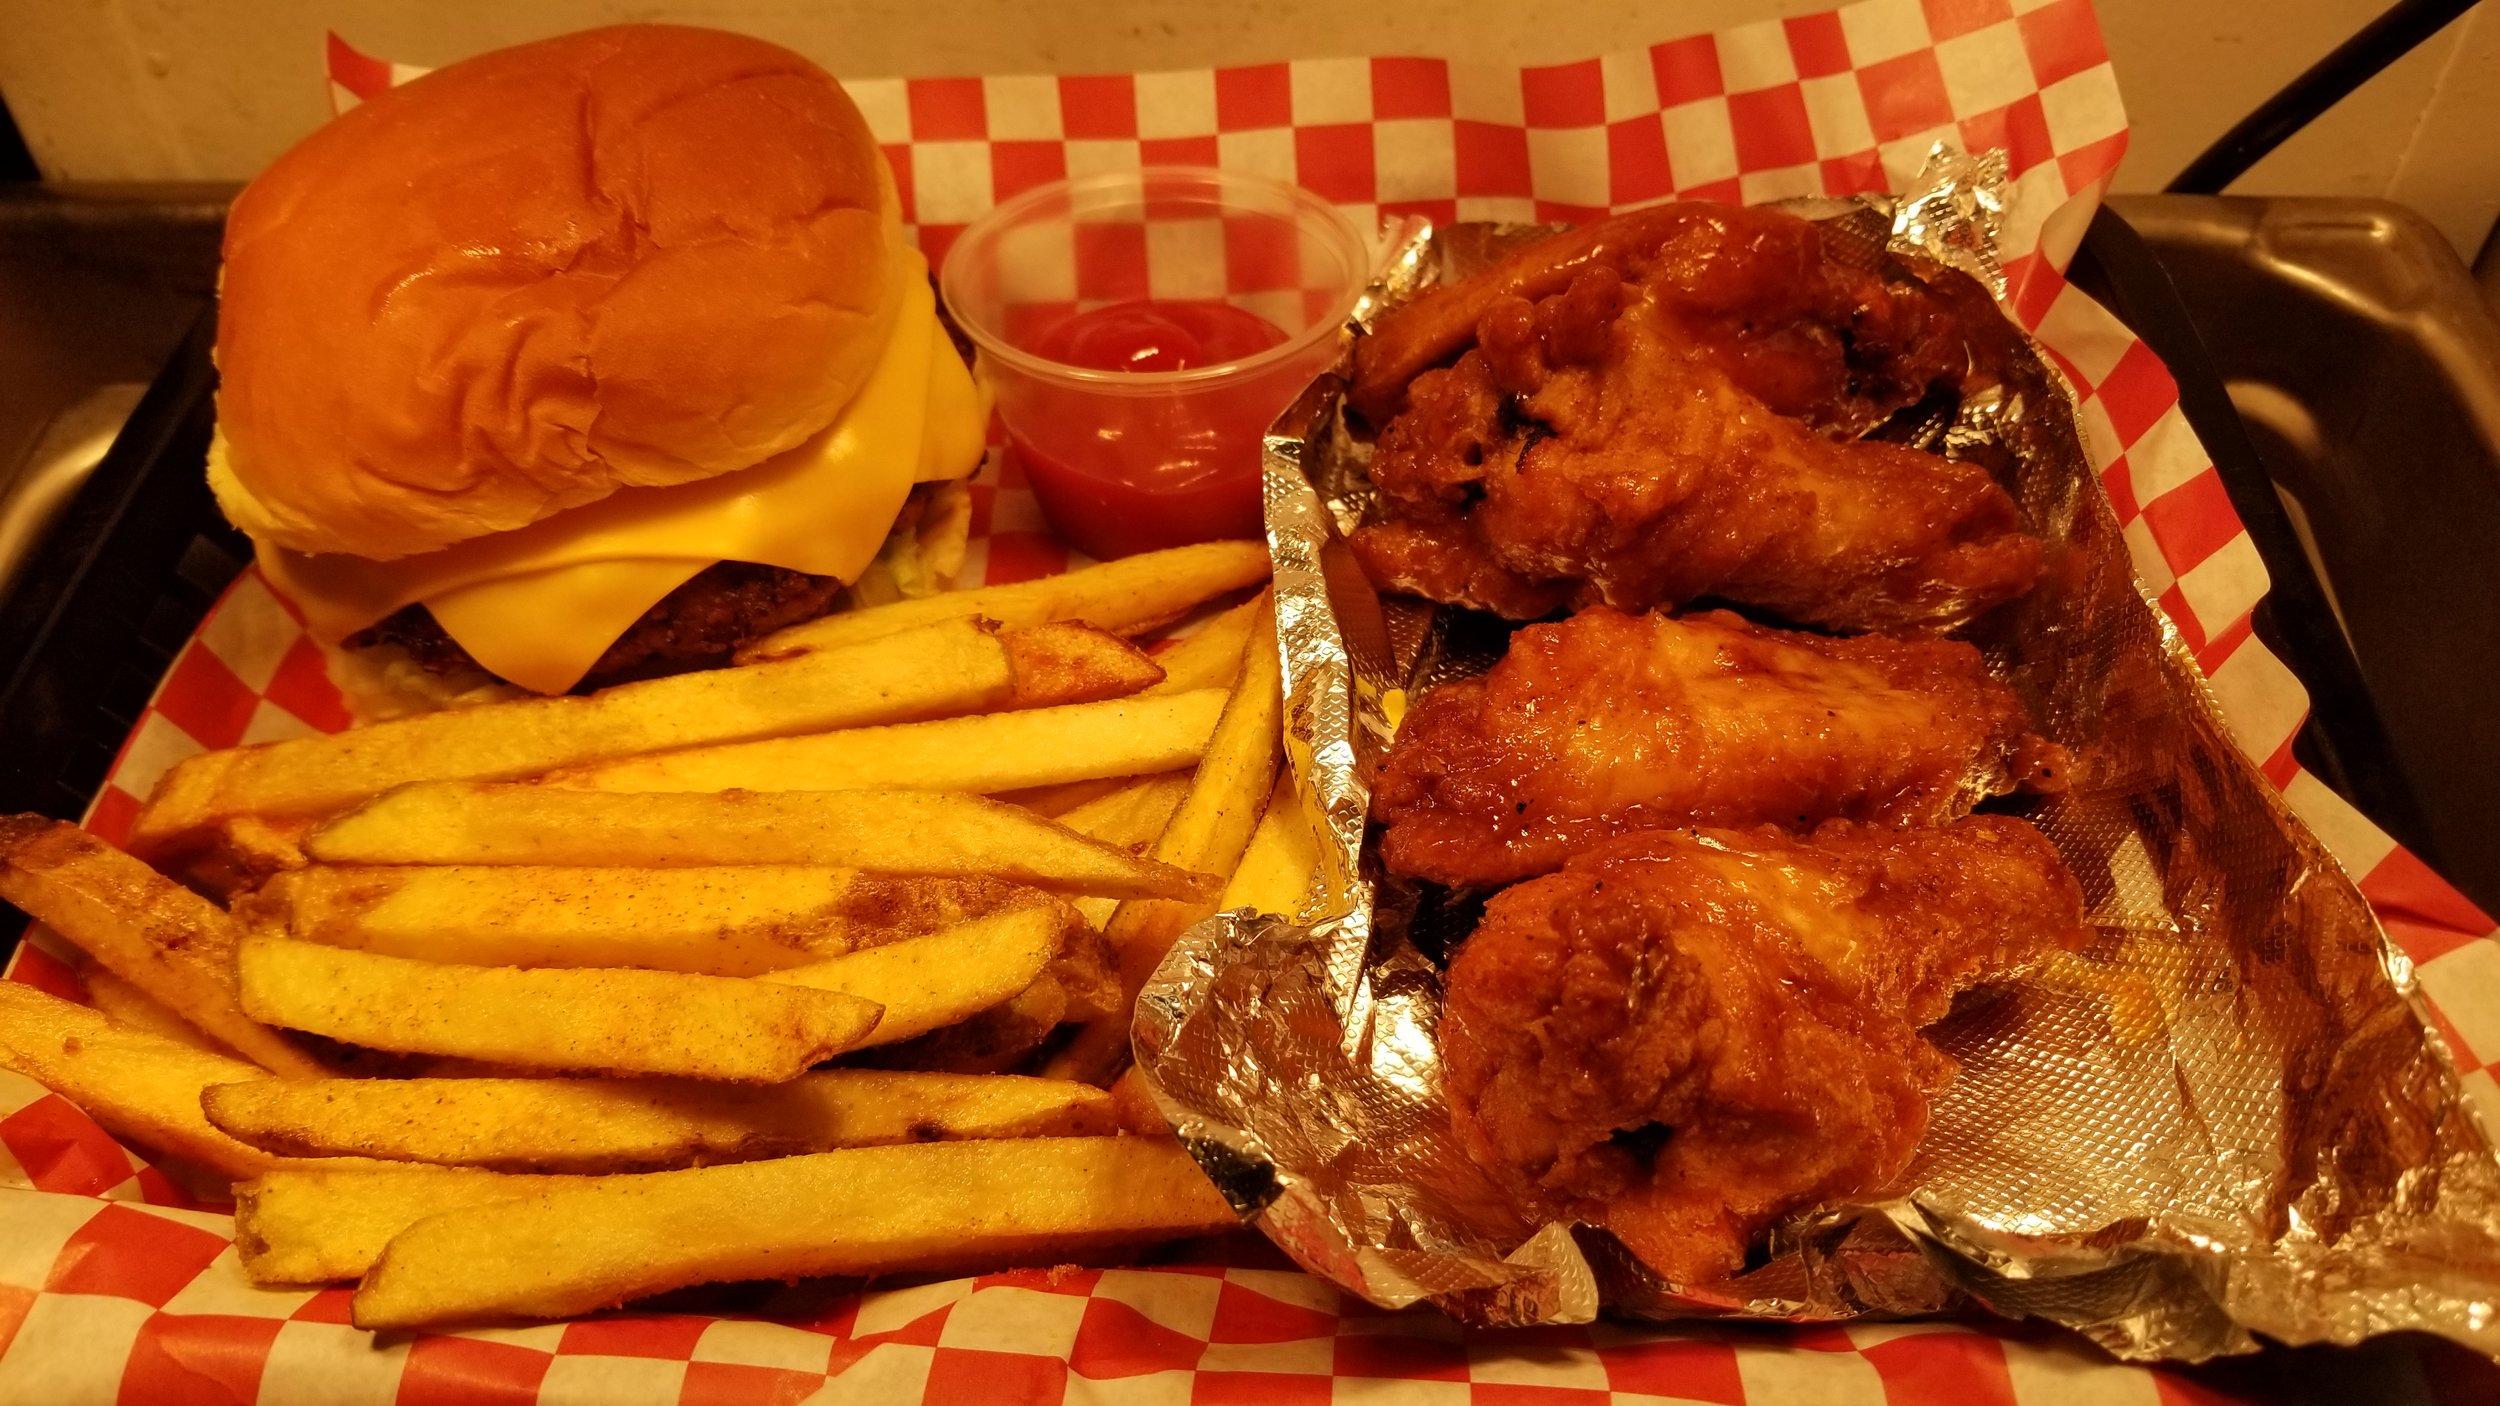 Burger… Wings… Fries… & Drink… $8